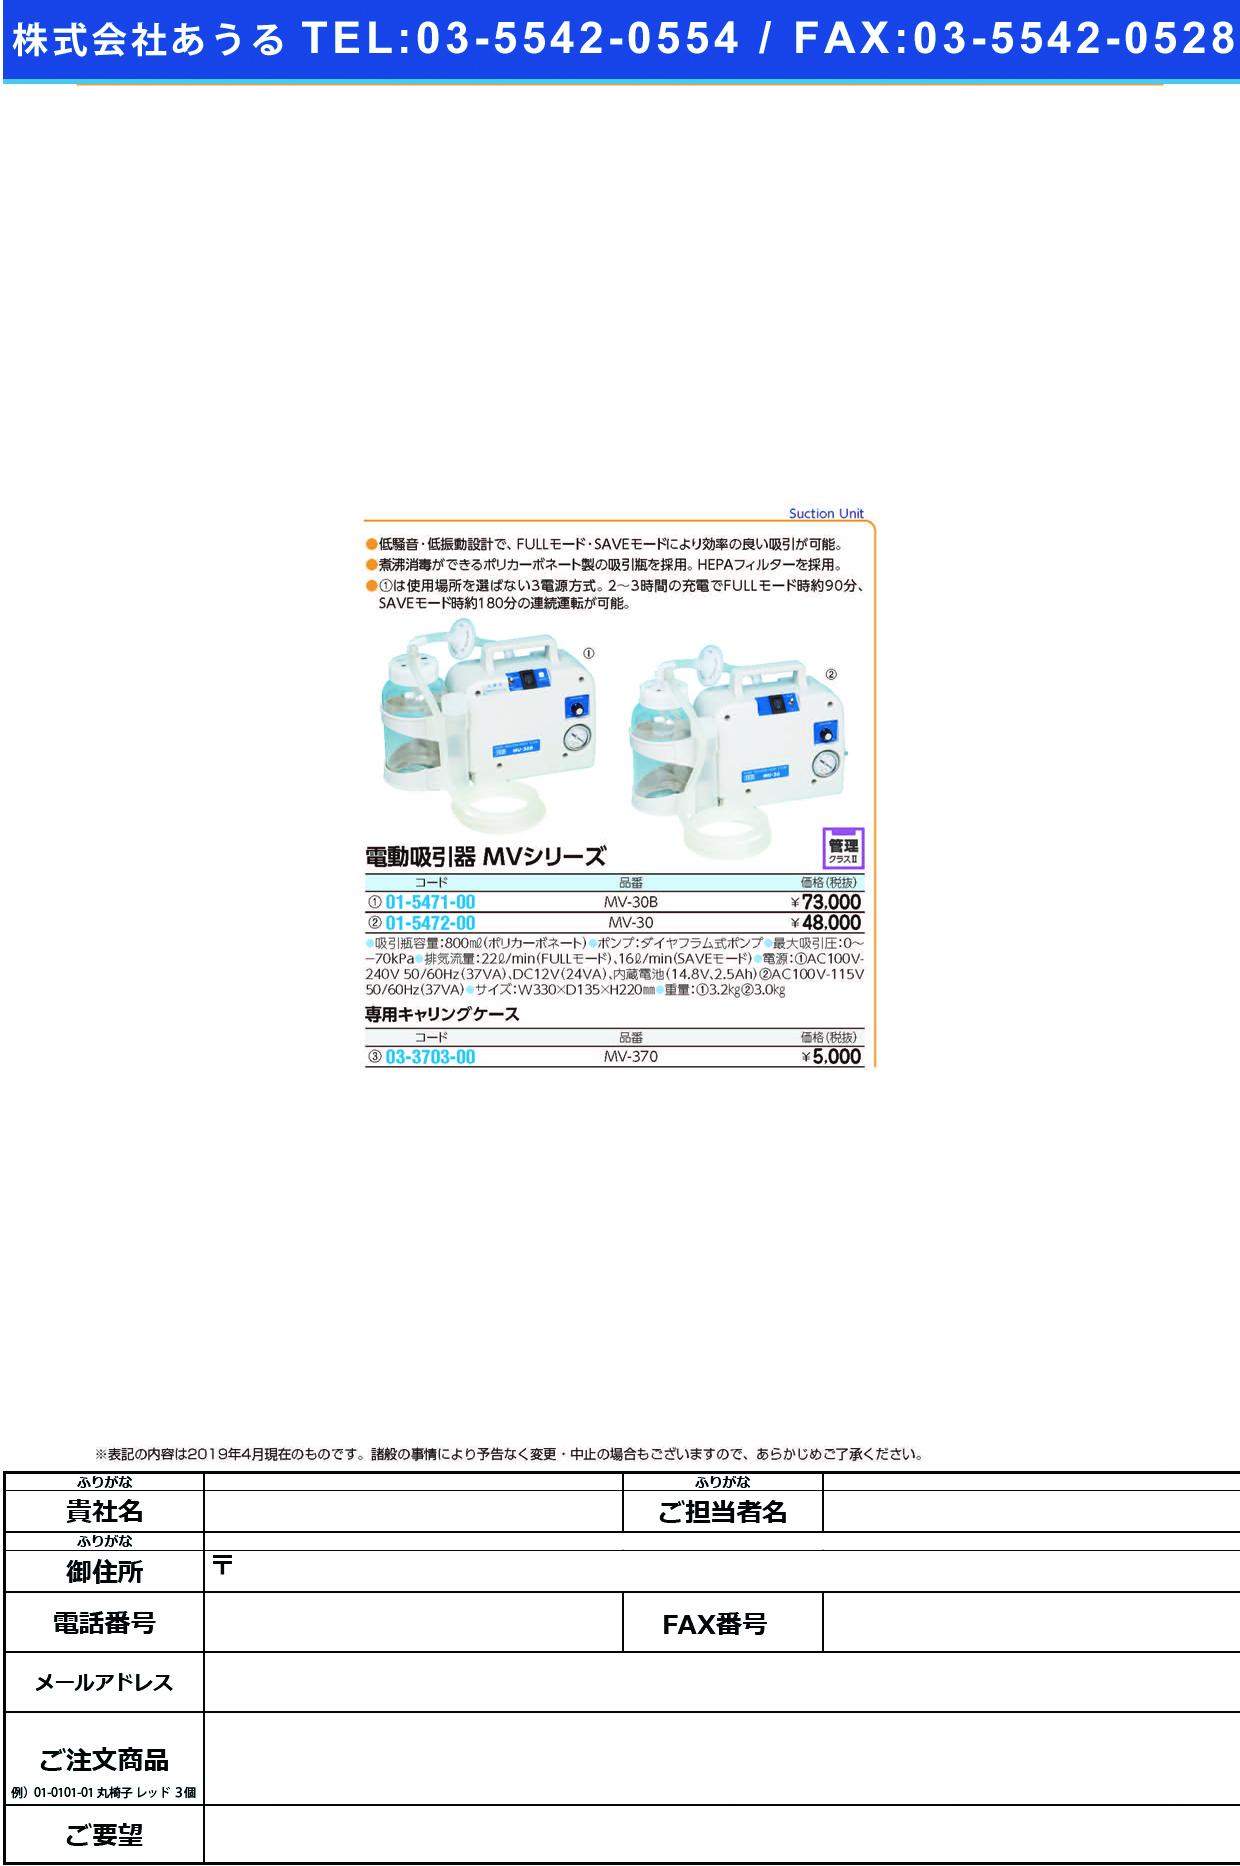 (01-5472-00)電動式吸引器(AC電源専用) MV-30 デンドウキュウインキ(ACセンヨウ)【1台単位】【2019年カタログ商品】